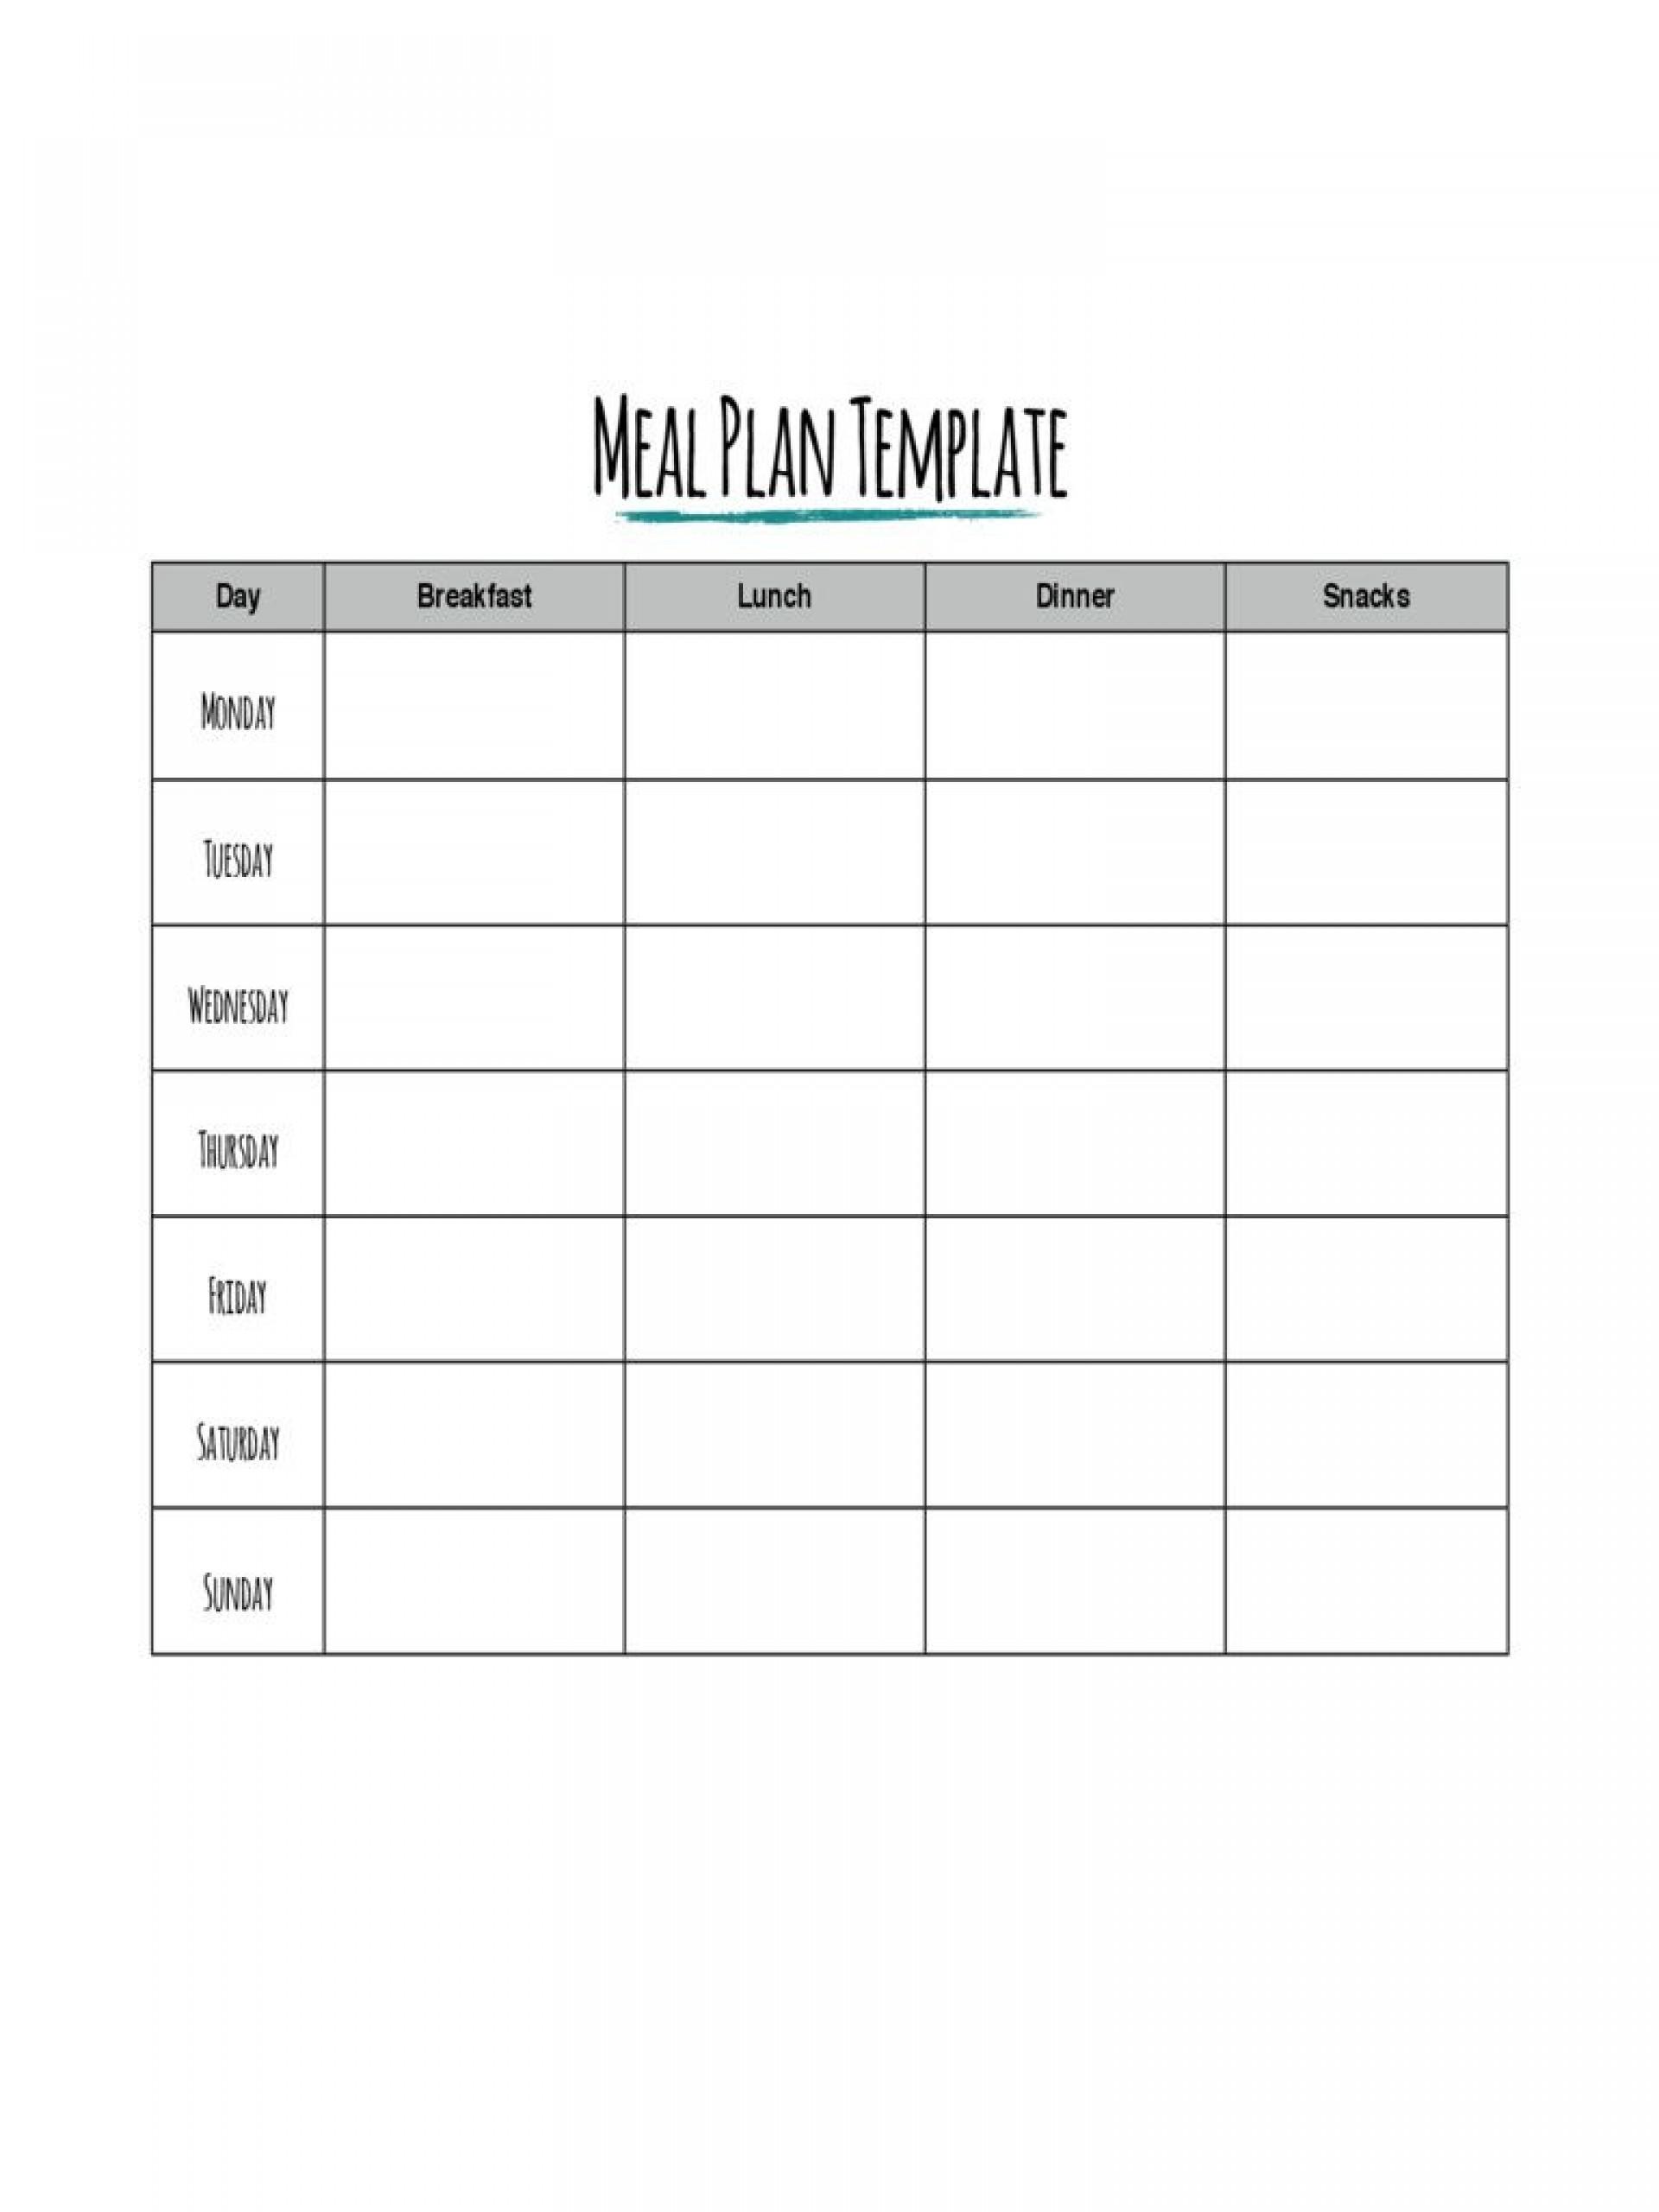 002 Formidable Meal Plan Template Pdf Example  Printable Diabetic Sample Weekly Planning Worksheet1920